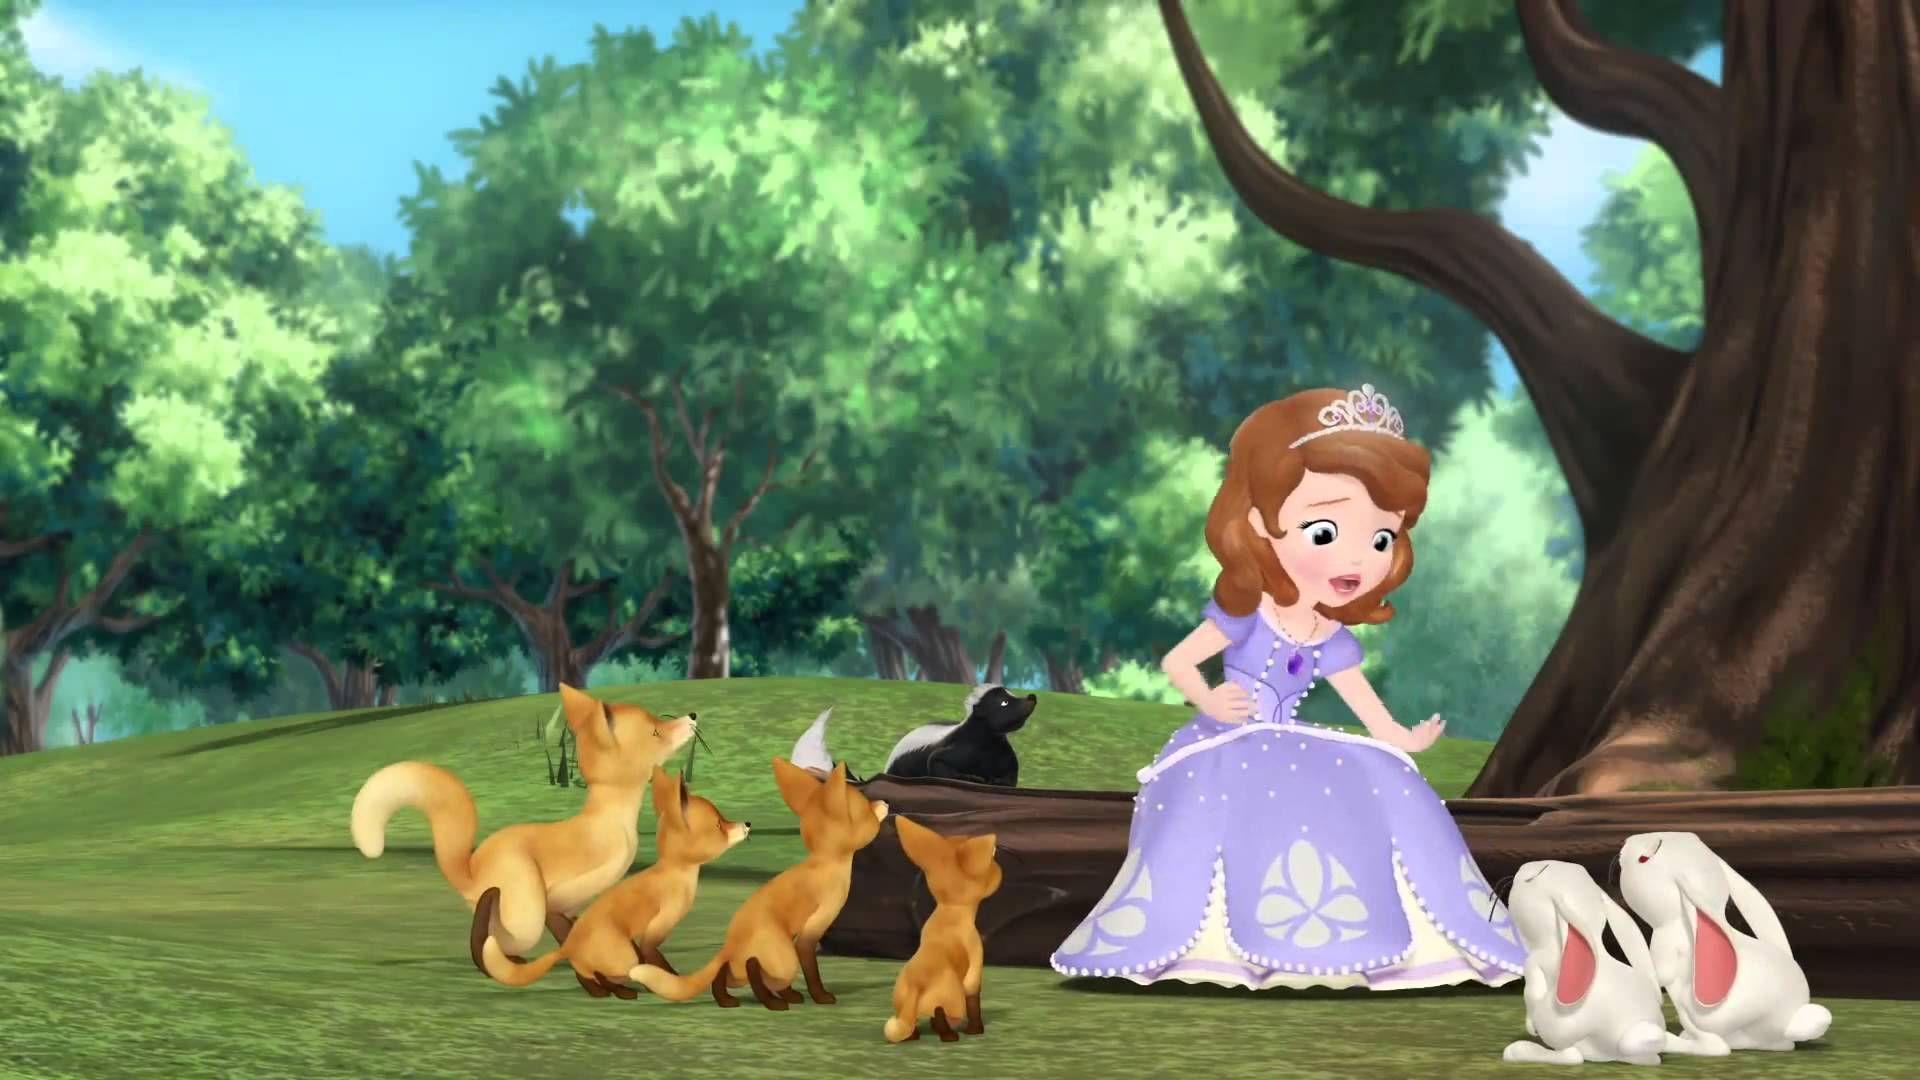 Princesita Sofia Cancion 8 Princesita Sofía Disney Jr Sofía